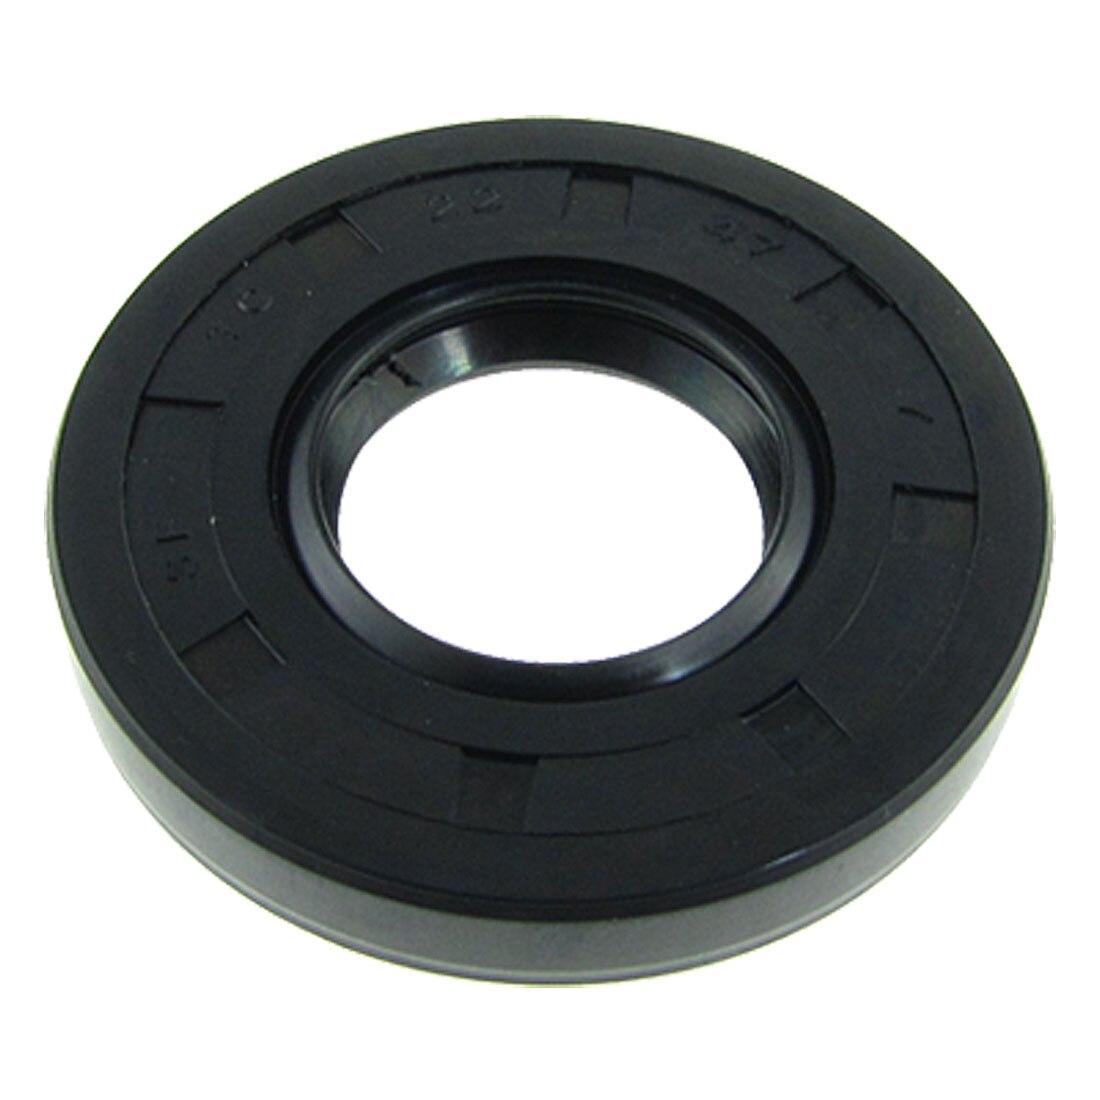 150MM X 180MM X 13MM TC Metric Oil Seal Factory New!